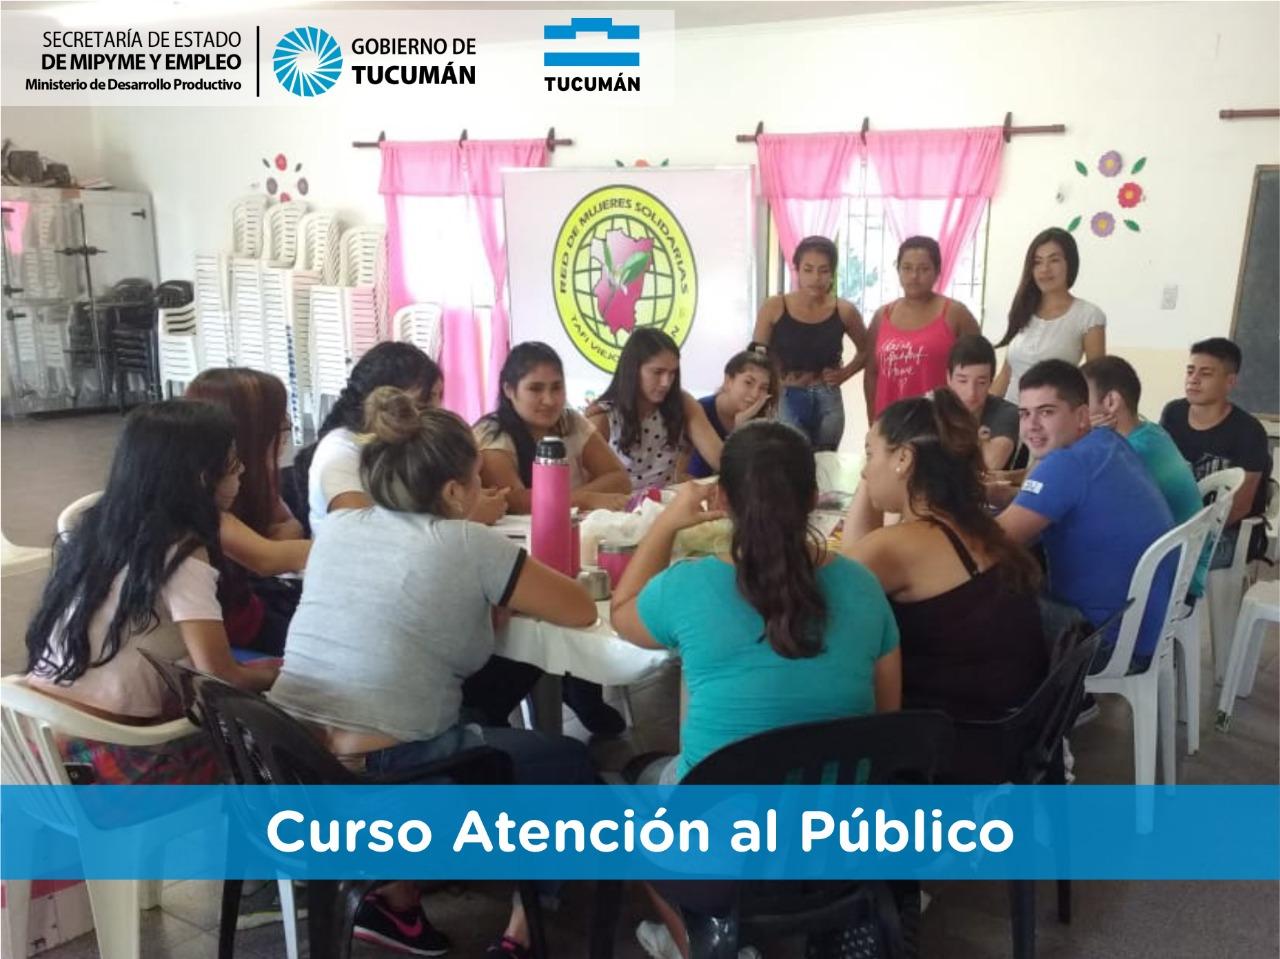 Seguimos apoyando la empleabilidad de los tucumanos